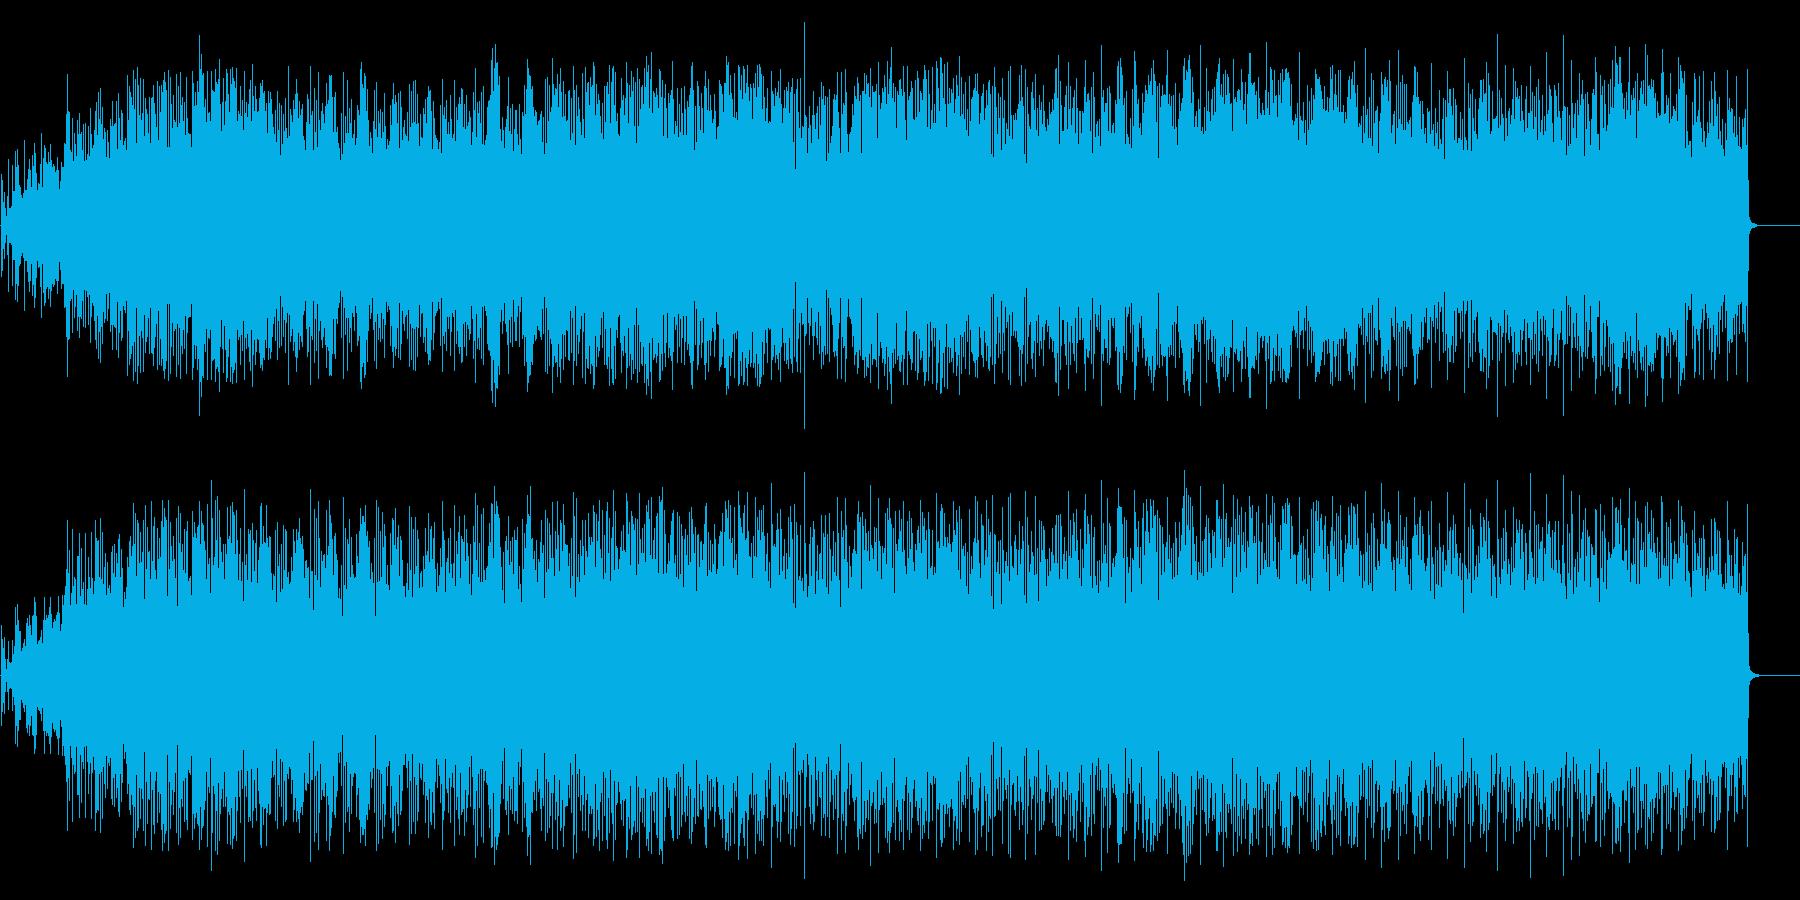 妖しく夜を徘徊する洒落たマイナーポップの再生済みの波形